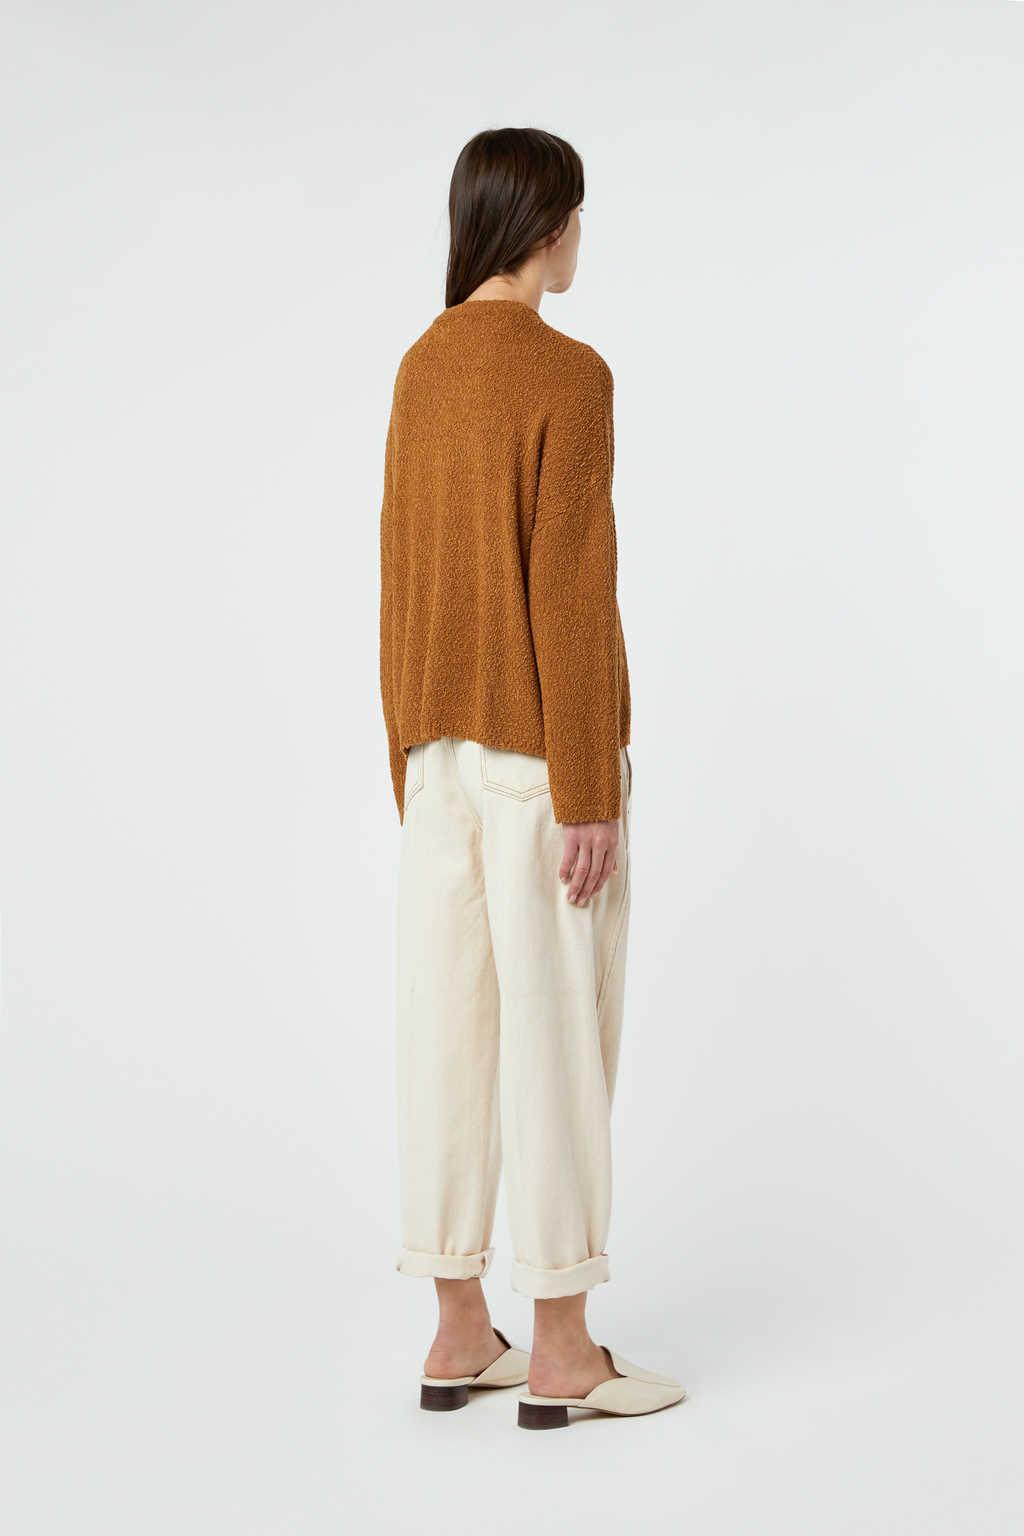 Sweater 3212 Tan 10